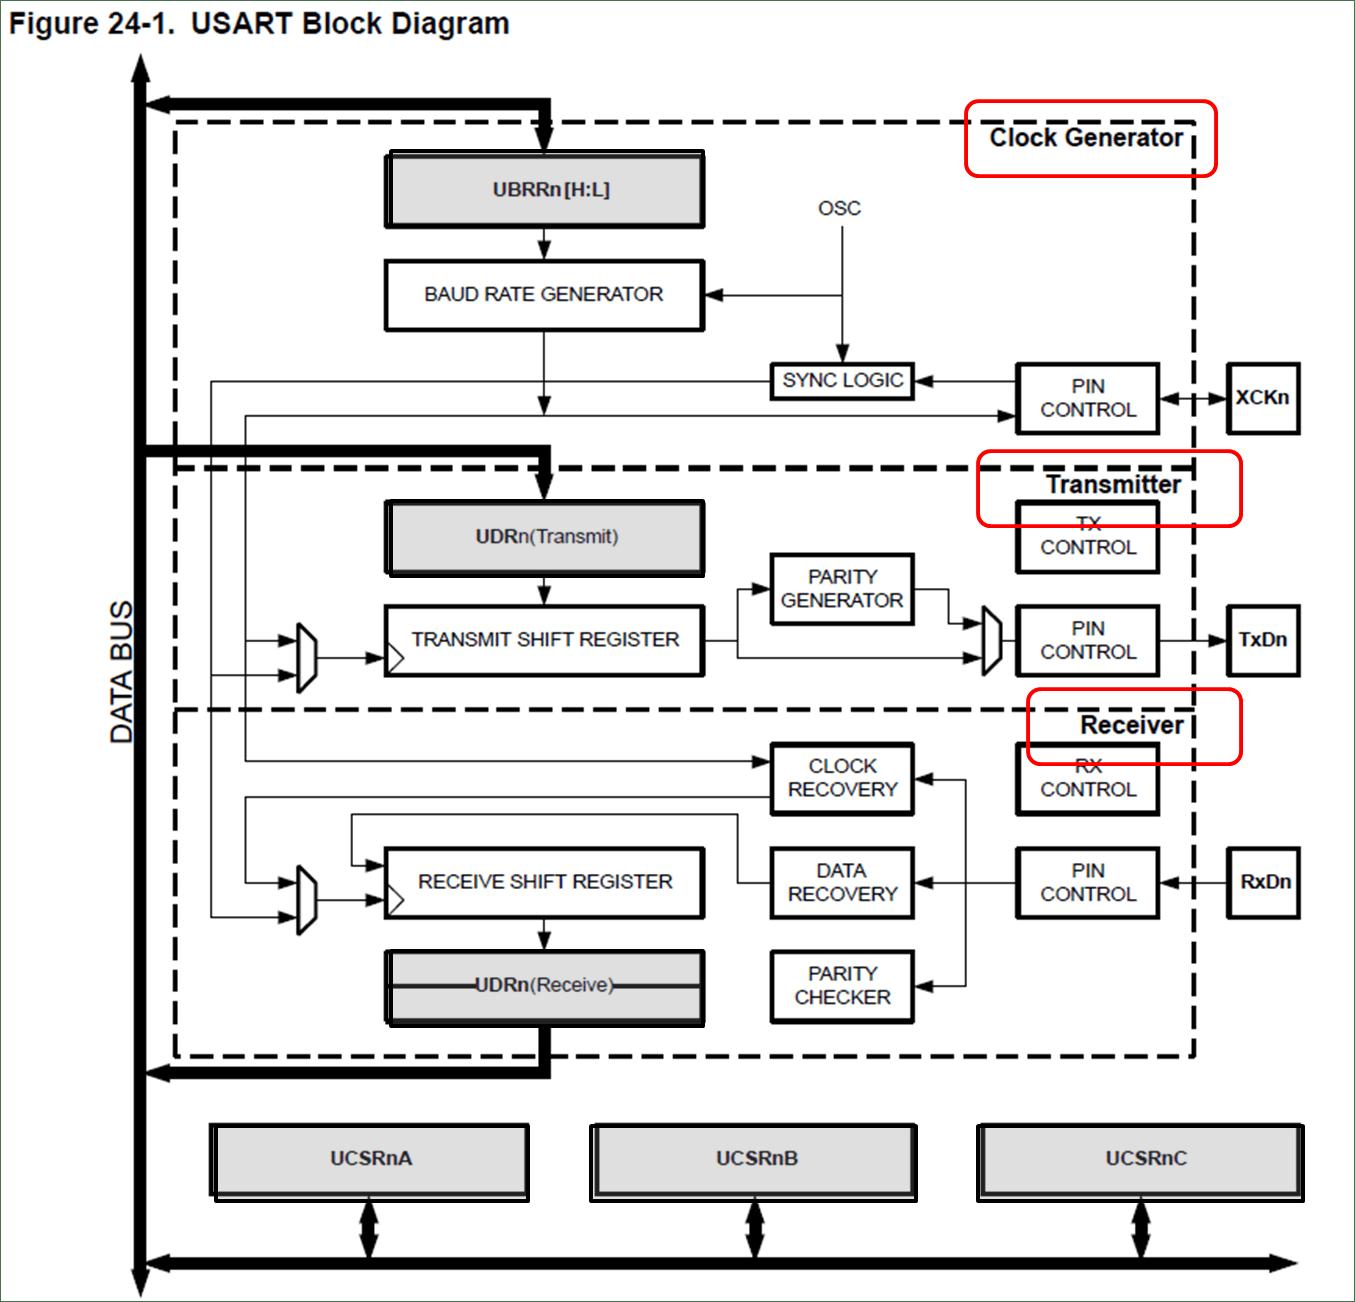 uart timing diagram 2 gang 1 way light switch wiring uk megaavr usart configuration developer help